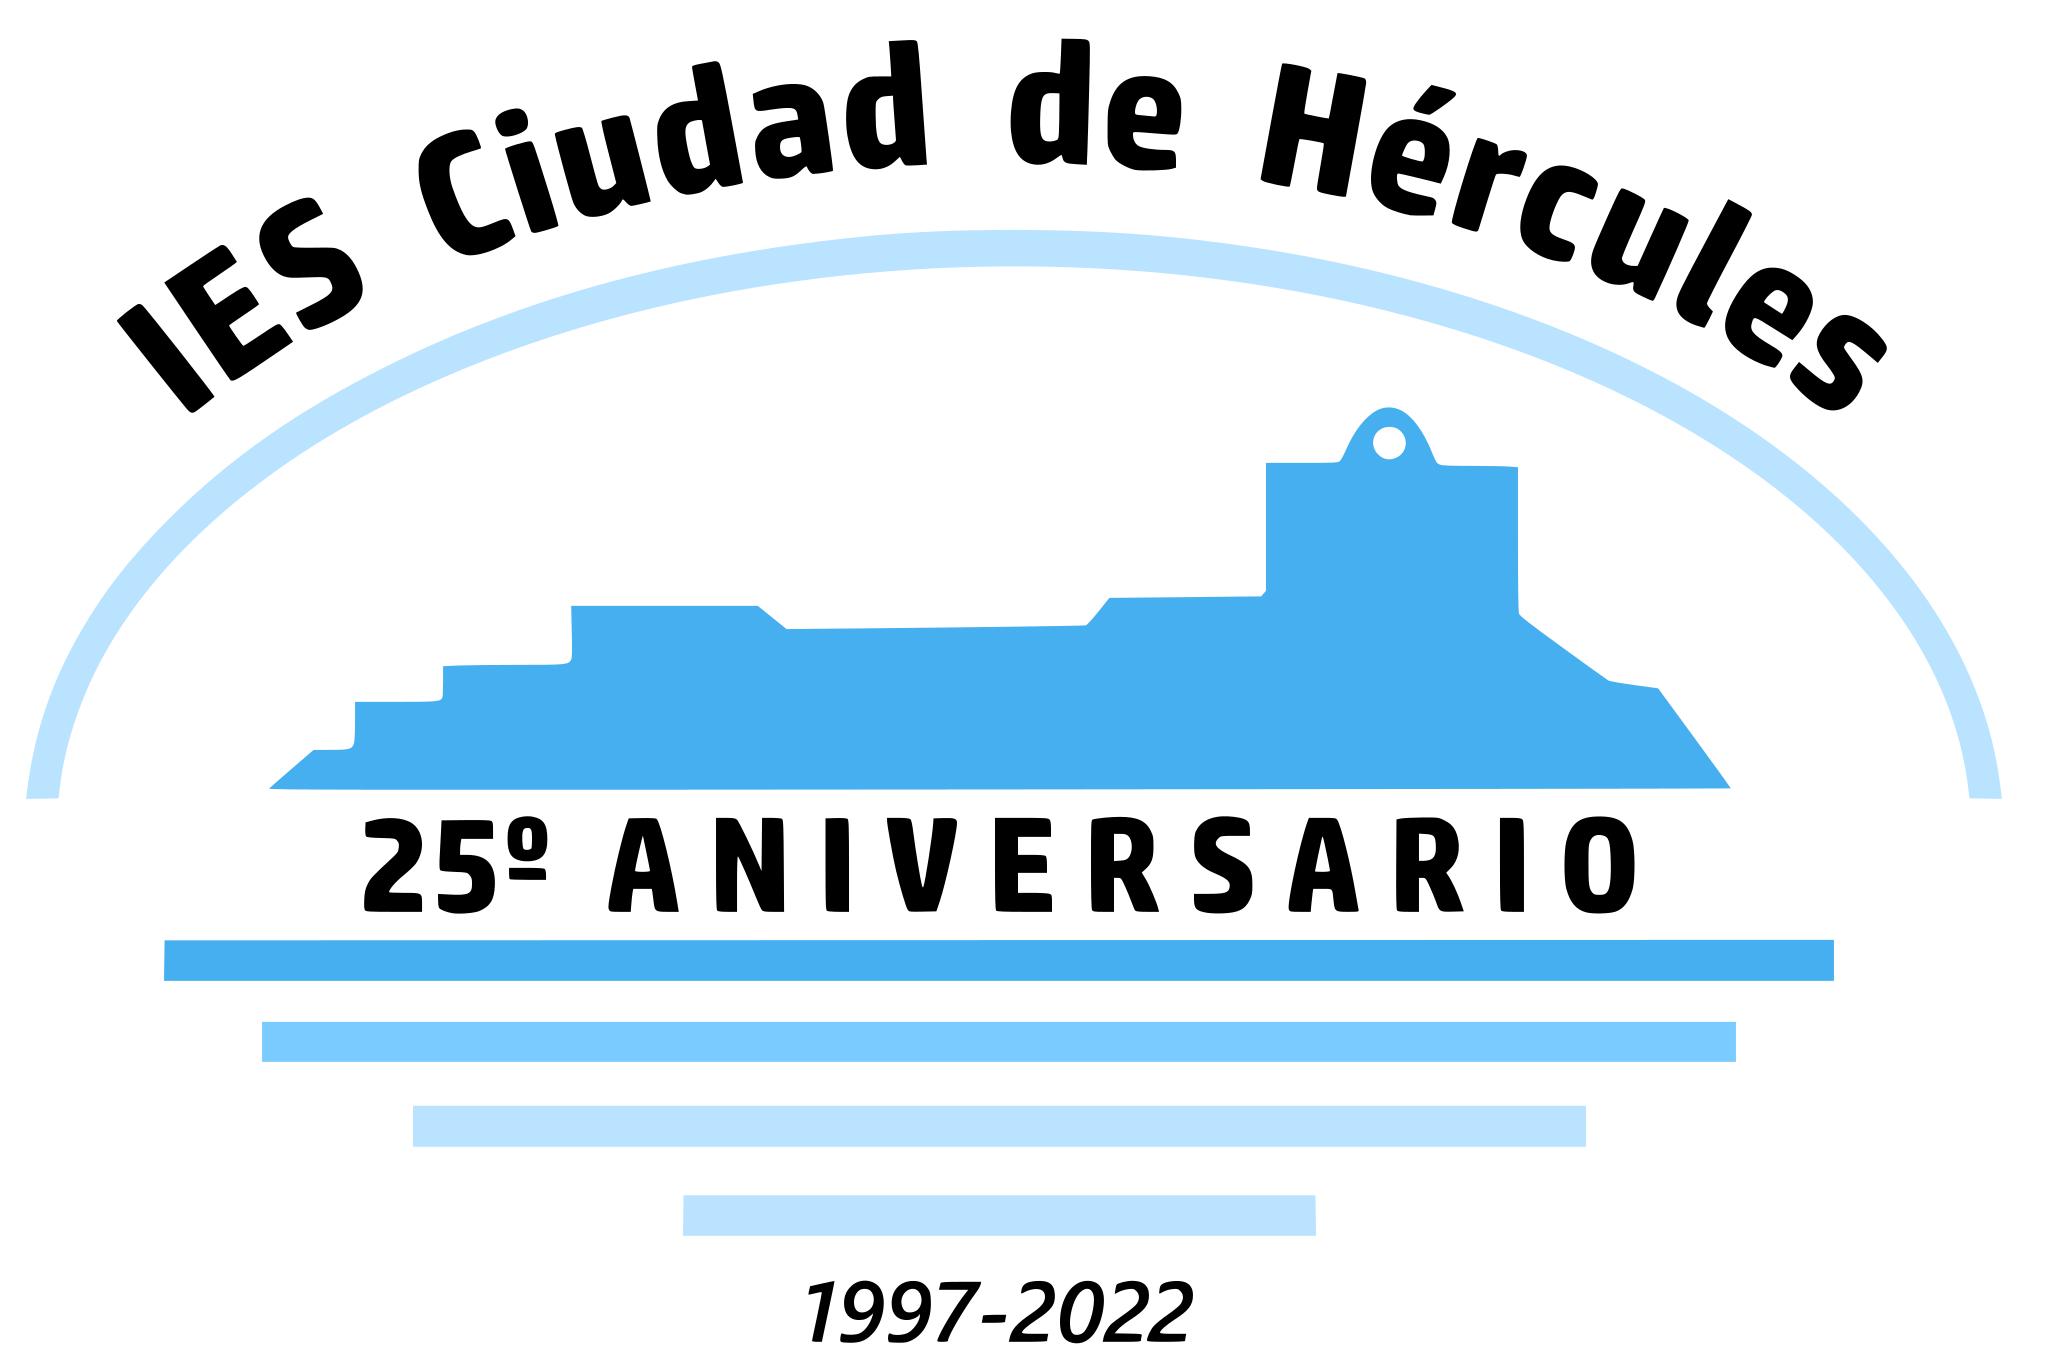 Sitio web del IES Ciudad de Hércules